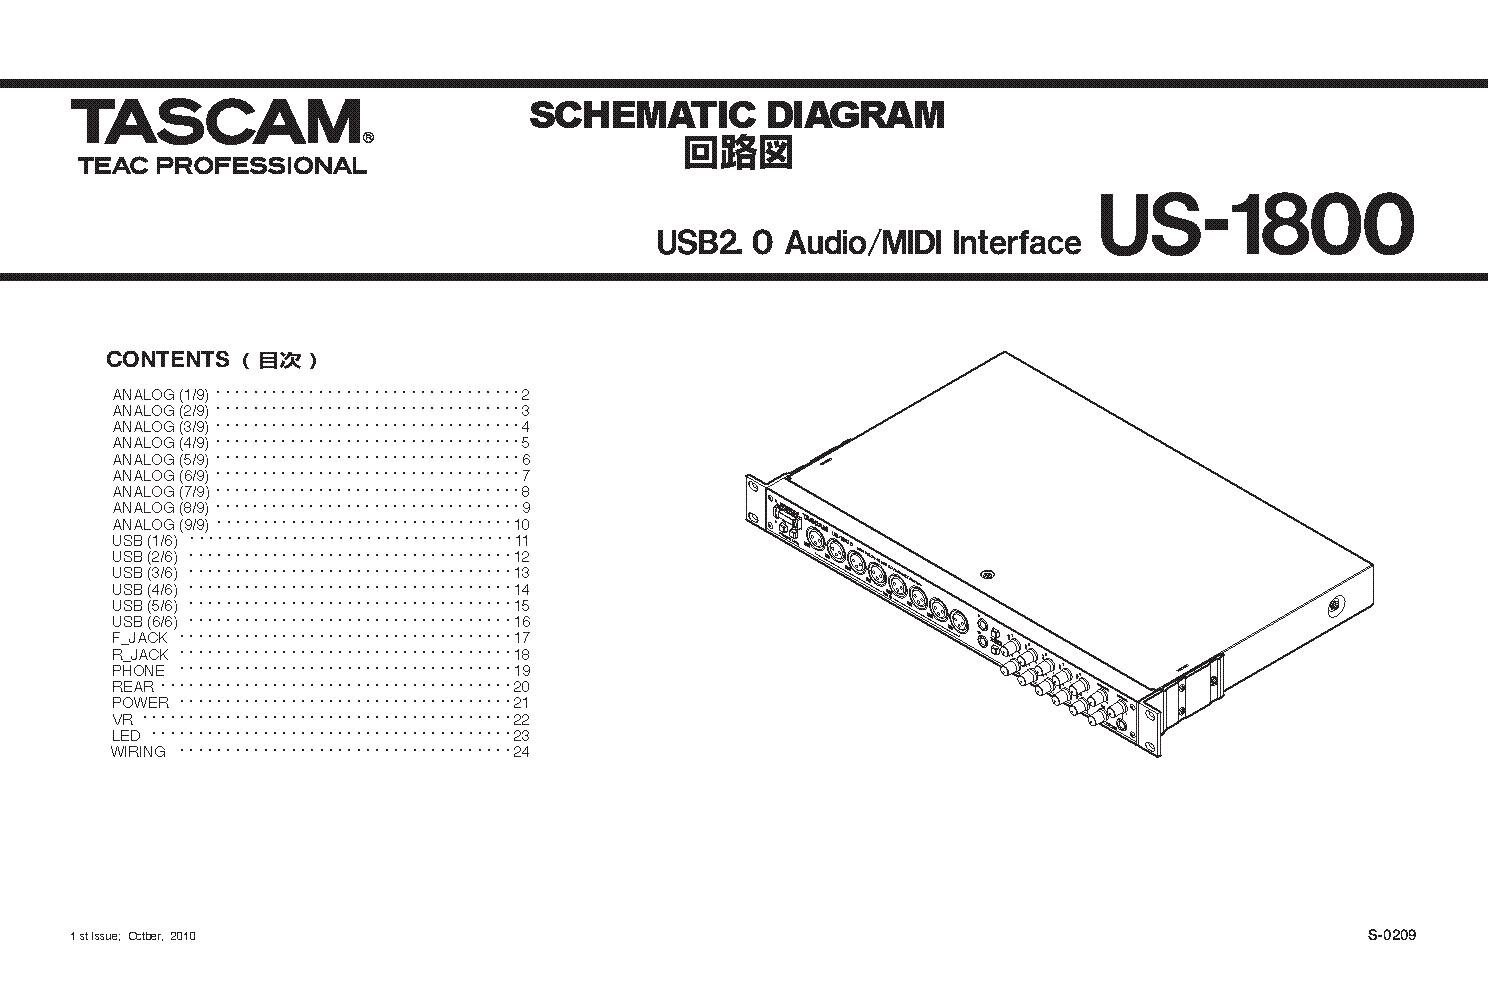 tascam us 1800 schematics service manual download schematics rh elektrotanya com